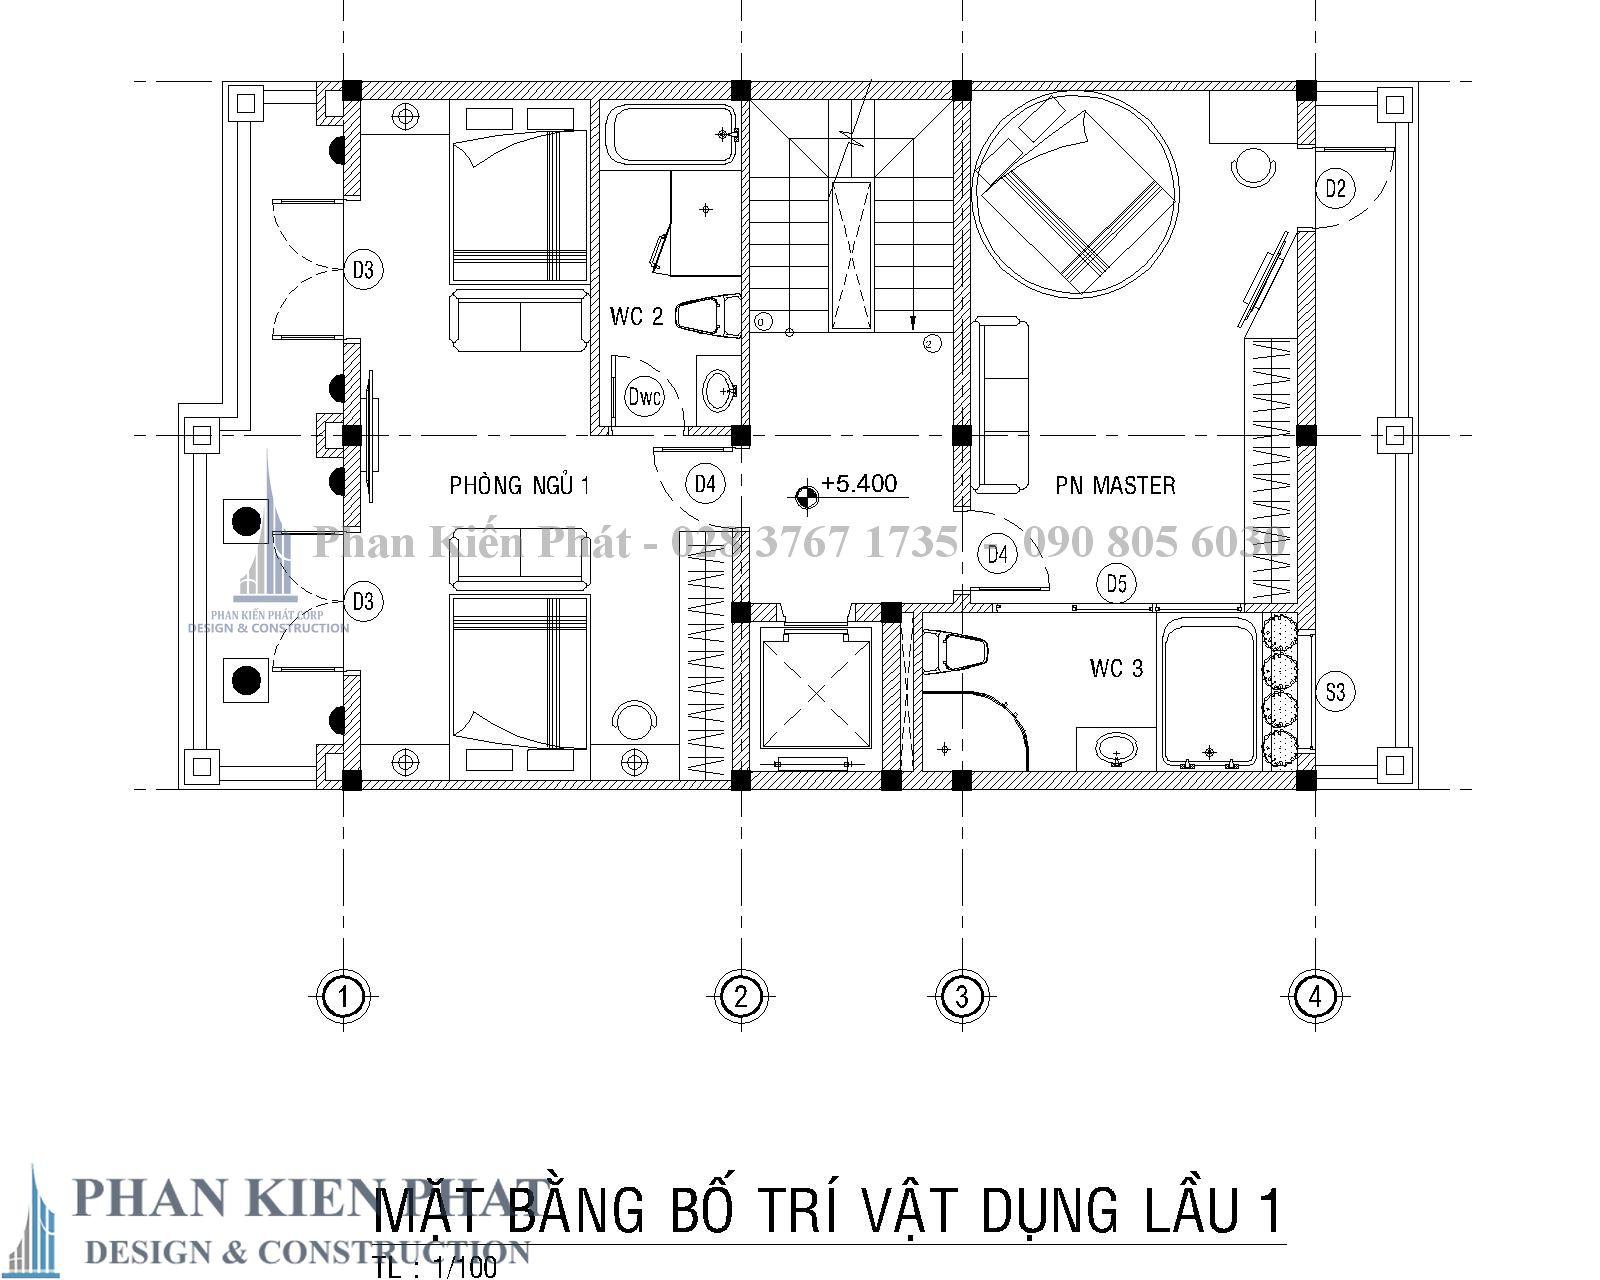 Mat Bang Bo Tri Vat Dung Lau 1 Biet Thu Co Dien - Thiết kế biệt thự cổ điển